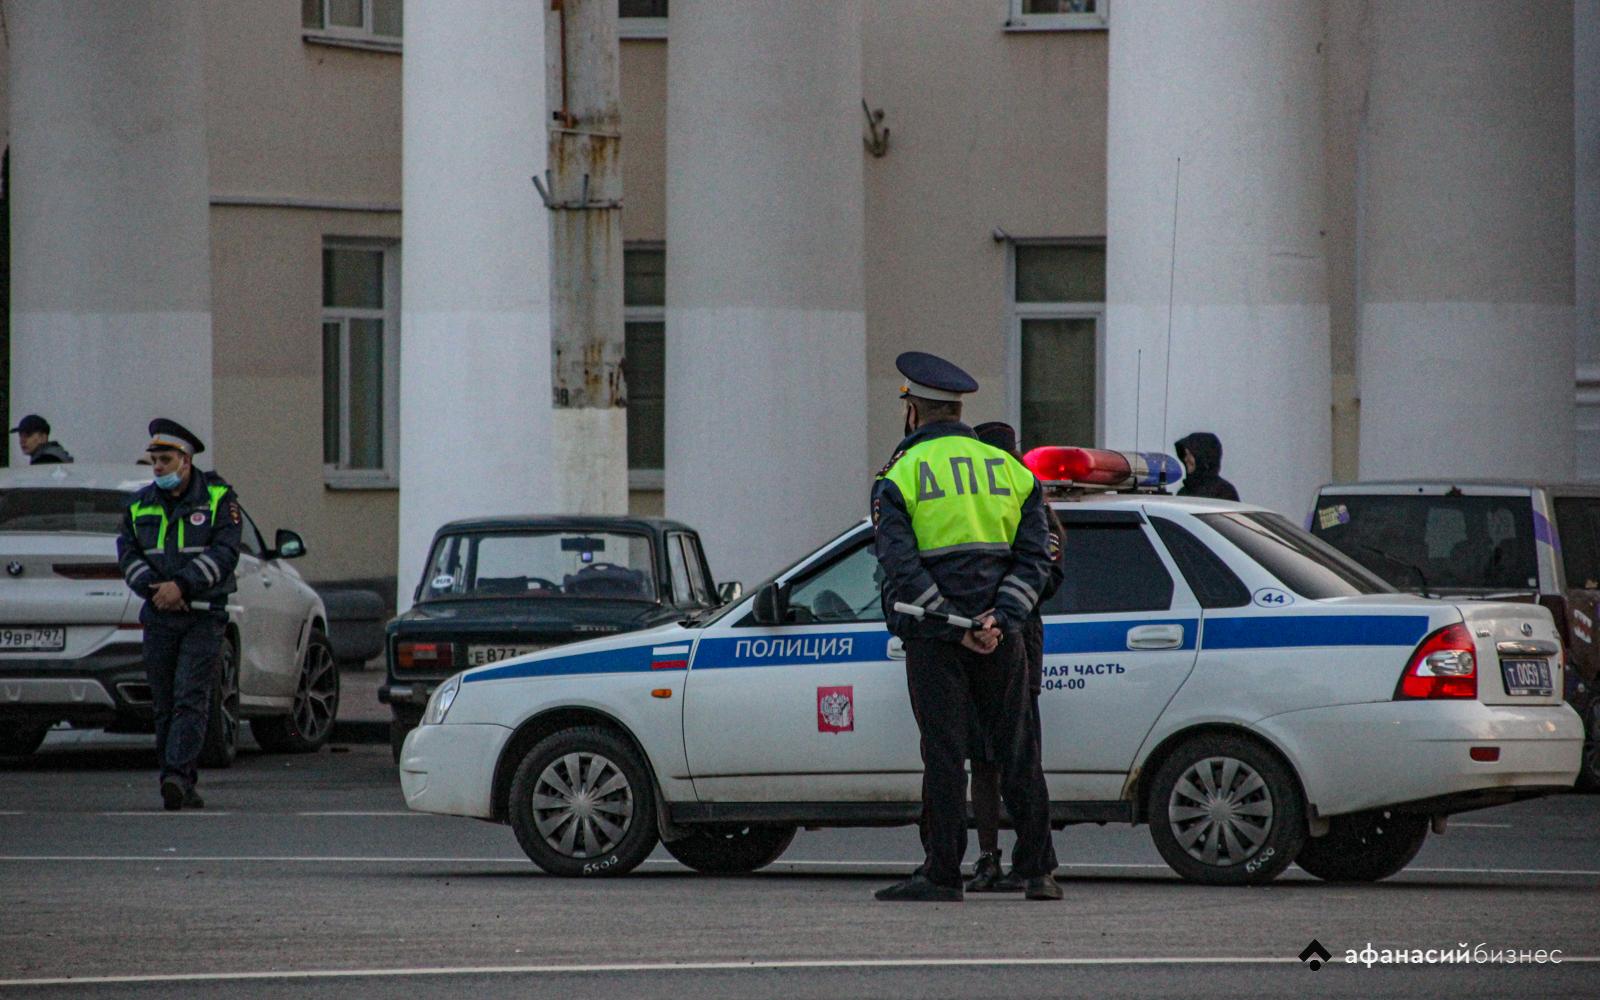 Въехал в Тверь и попался: сотрудники ГИБДД провели массовый рейд на площади Гагарина - новости Афанасий